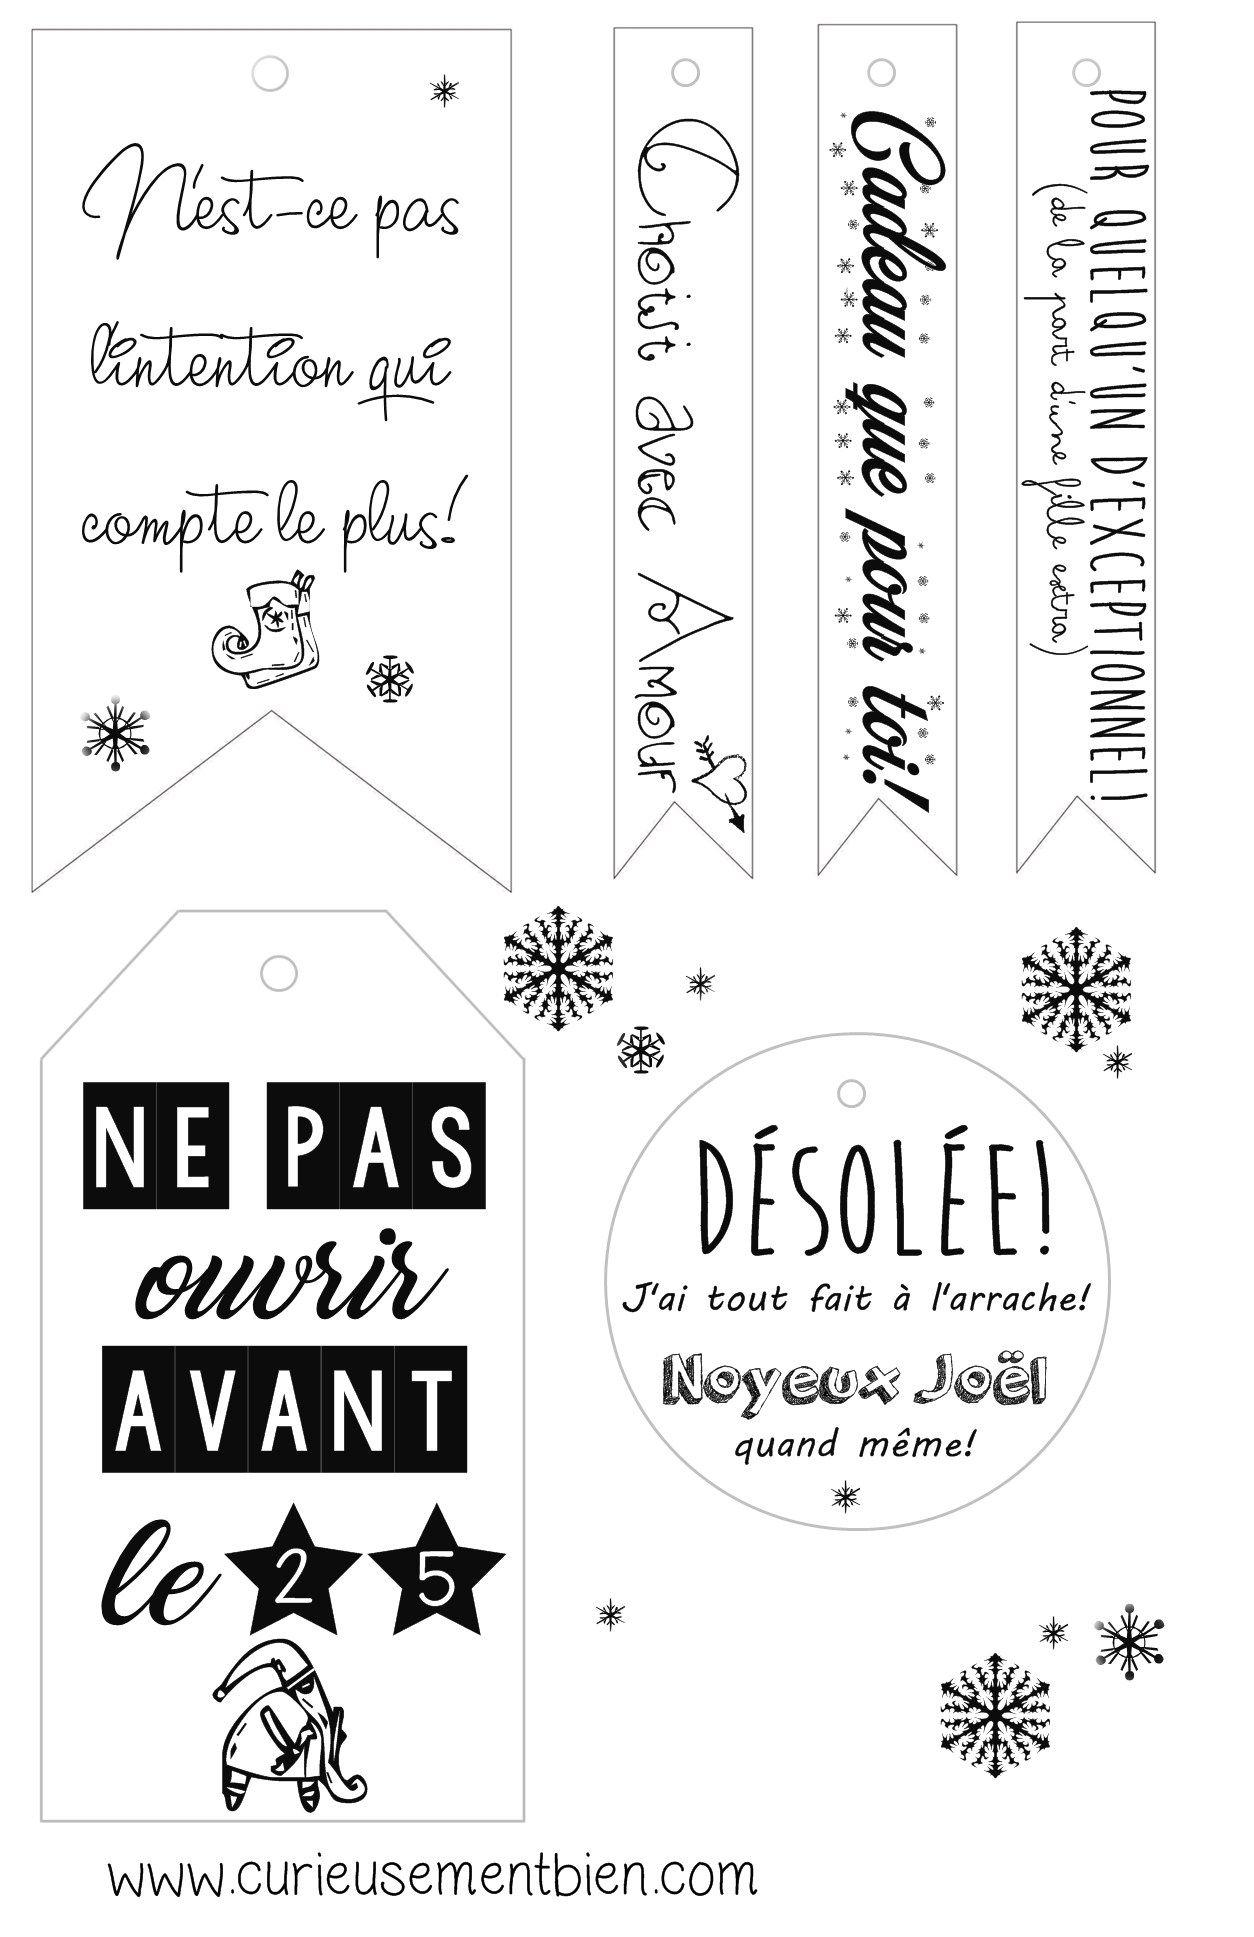 Étiquettes Cadeaux De Noël, Pour Personnaliser Vos Paquets concernant Etiquette Pour Cadeau De Noel